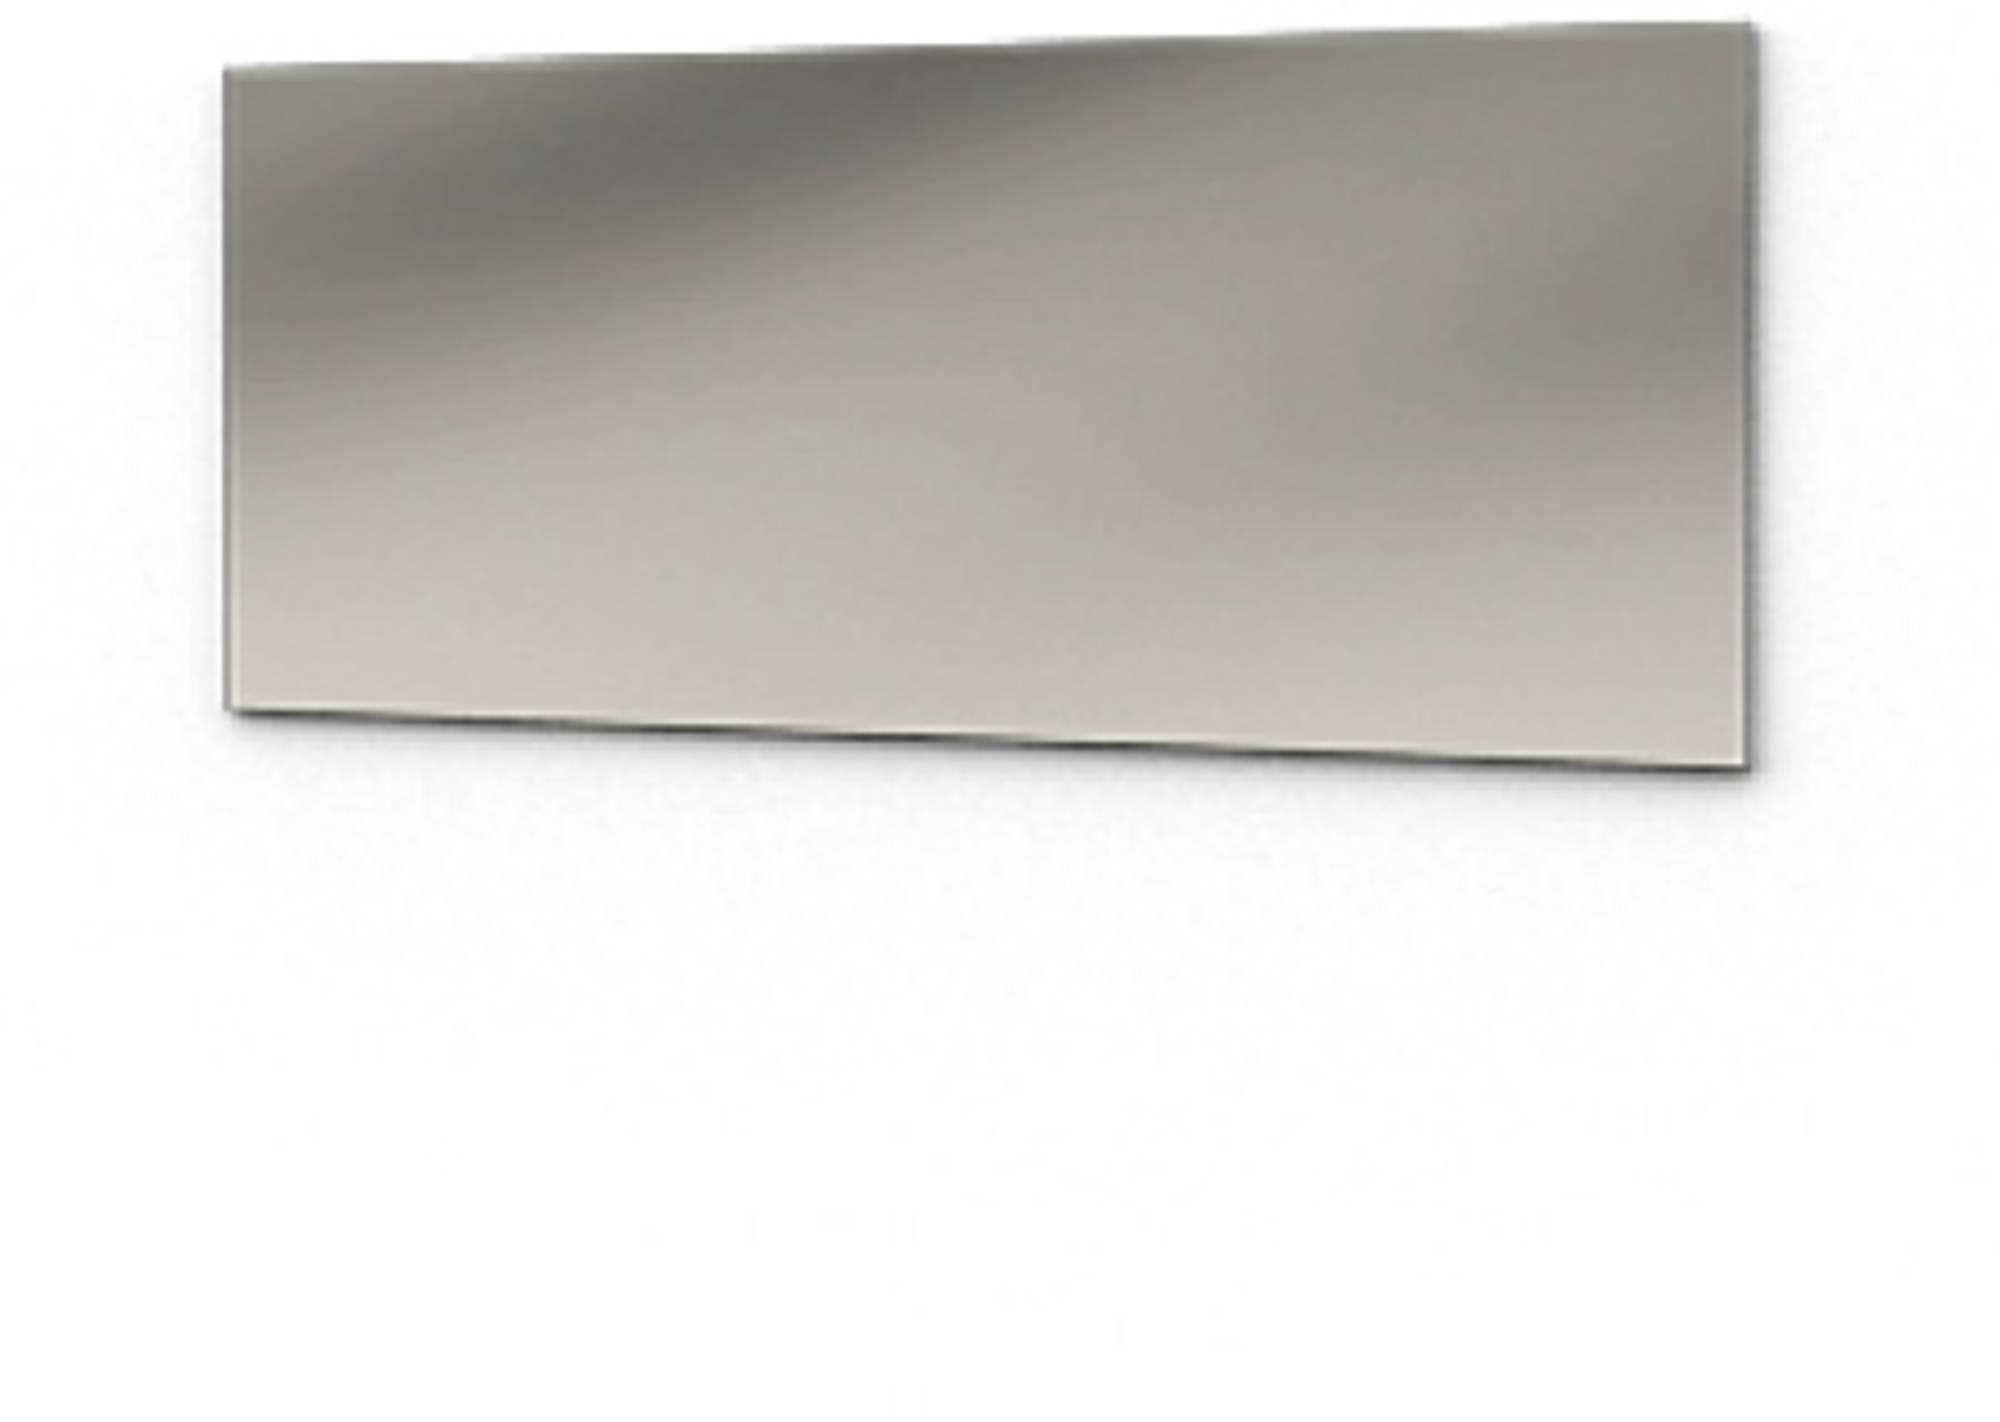 Ben Mirano Spiegel rondom Geslepen met blinde ophang 200,1-220x<70 cm